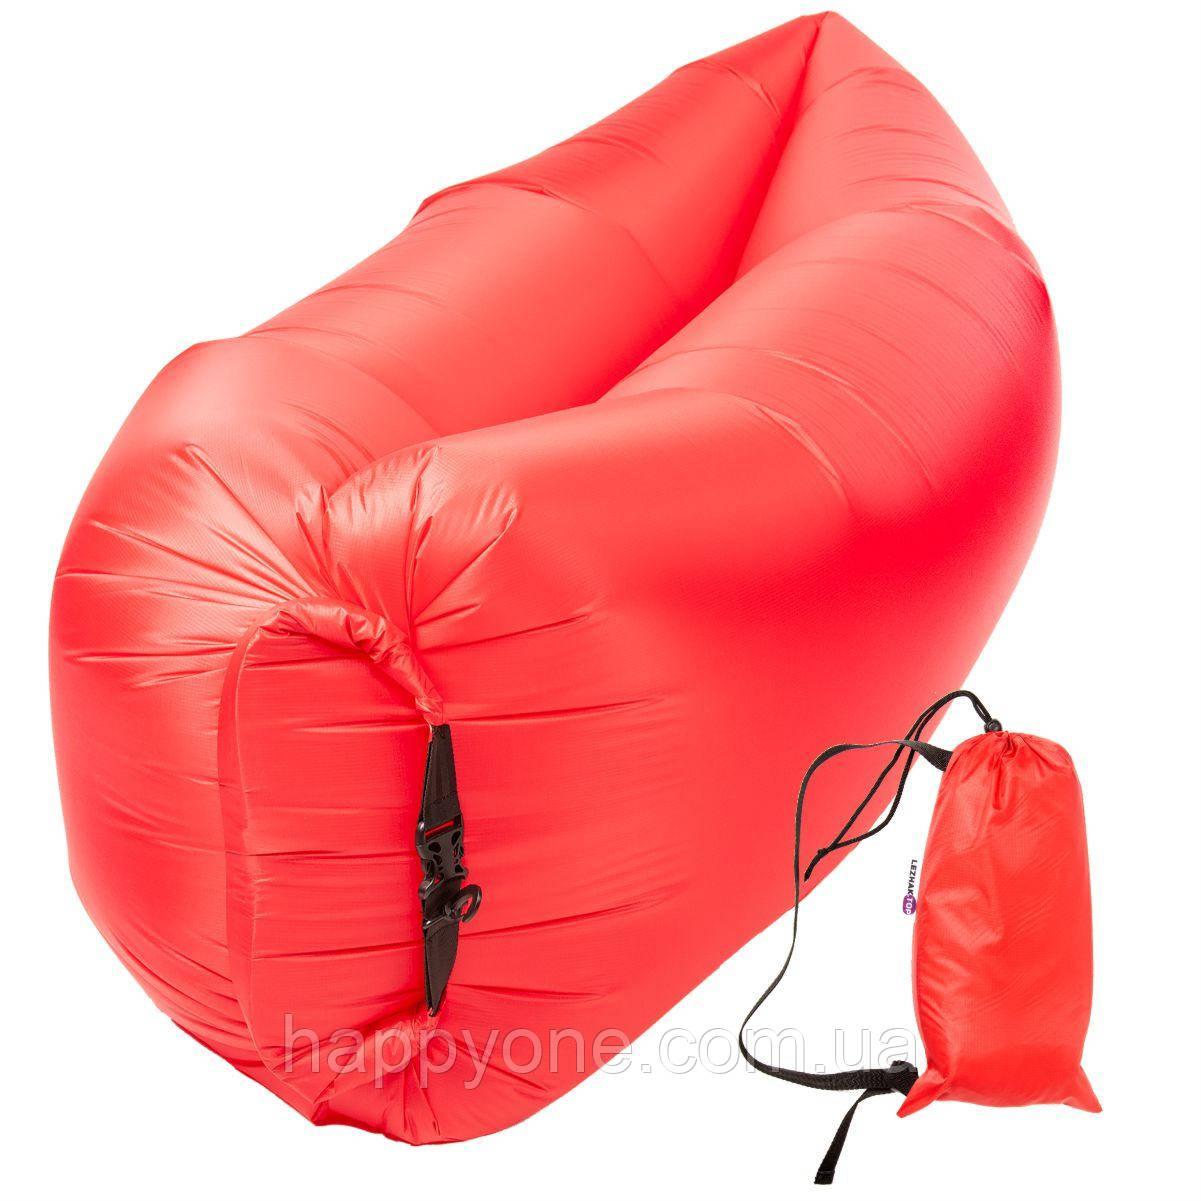 Бескамерный надувной шезлонг-лежак RipStop 2.0 (красный)